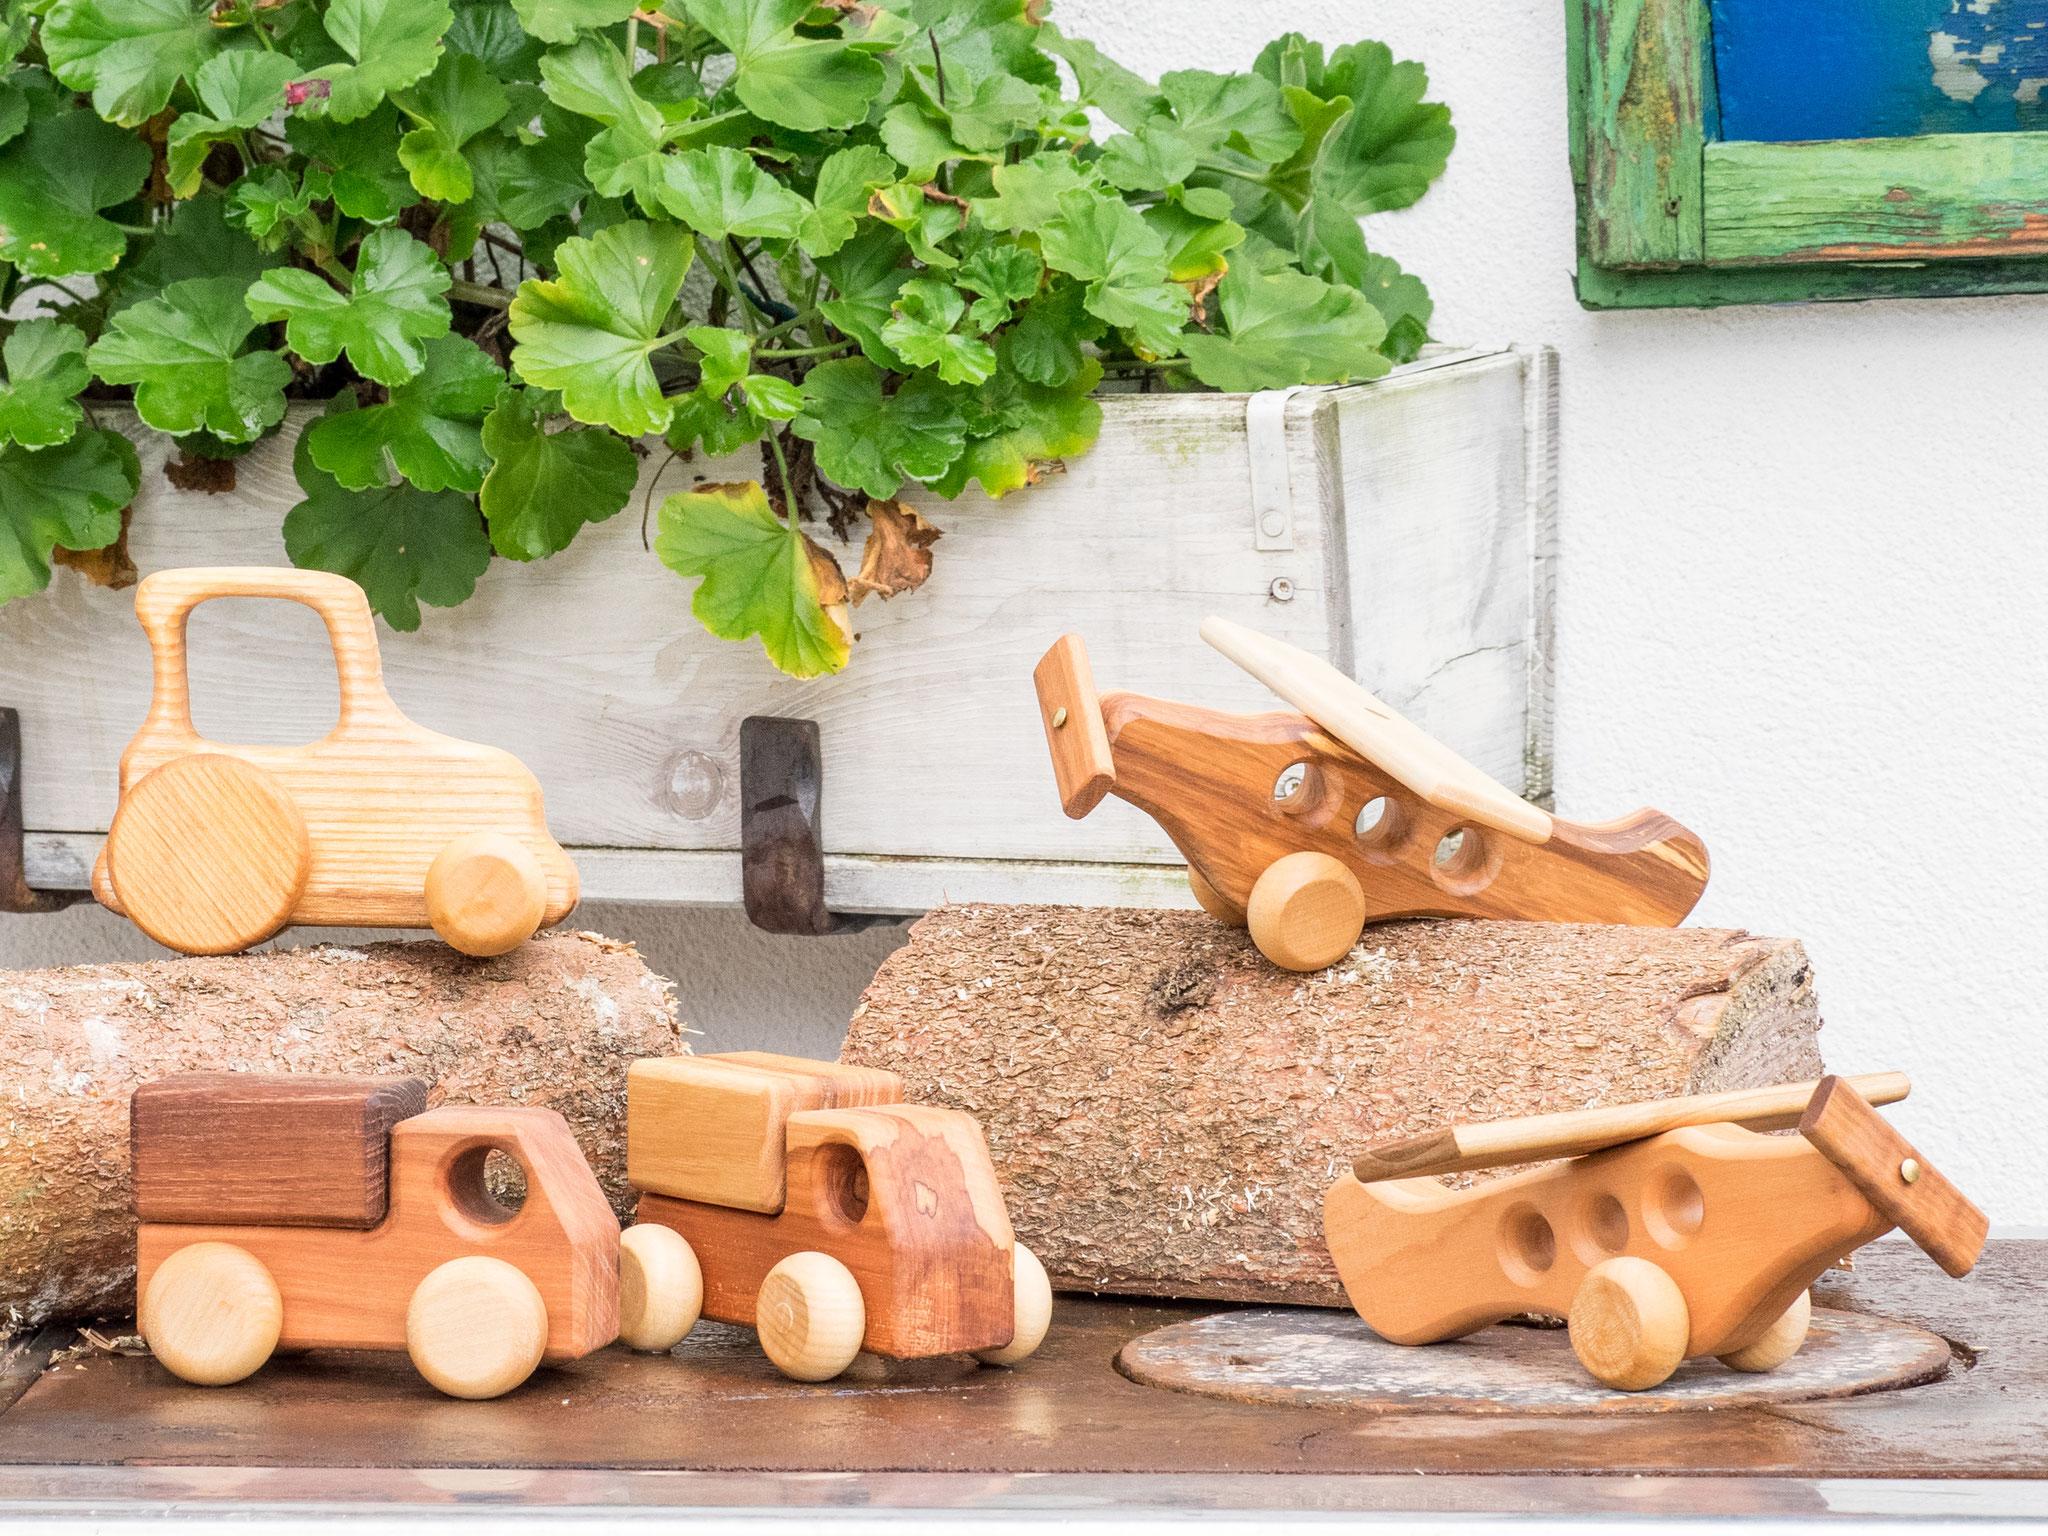 Spielzeug aus österreichischen Edelhölzer gefertigt